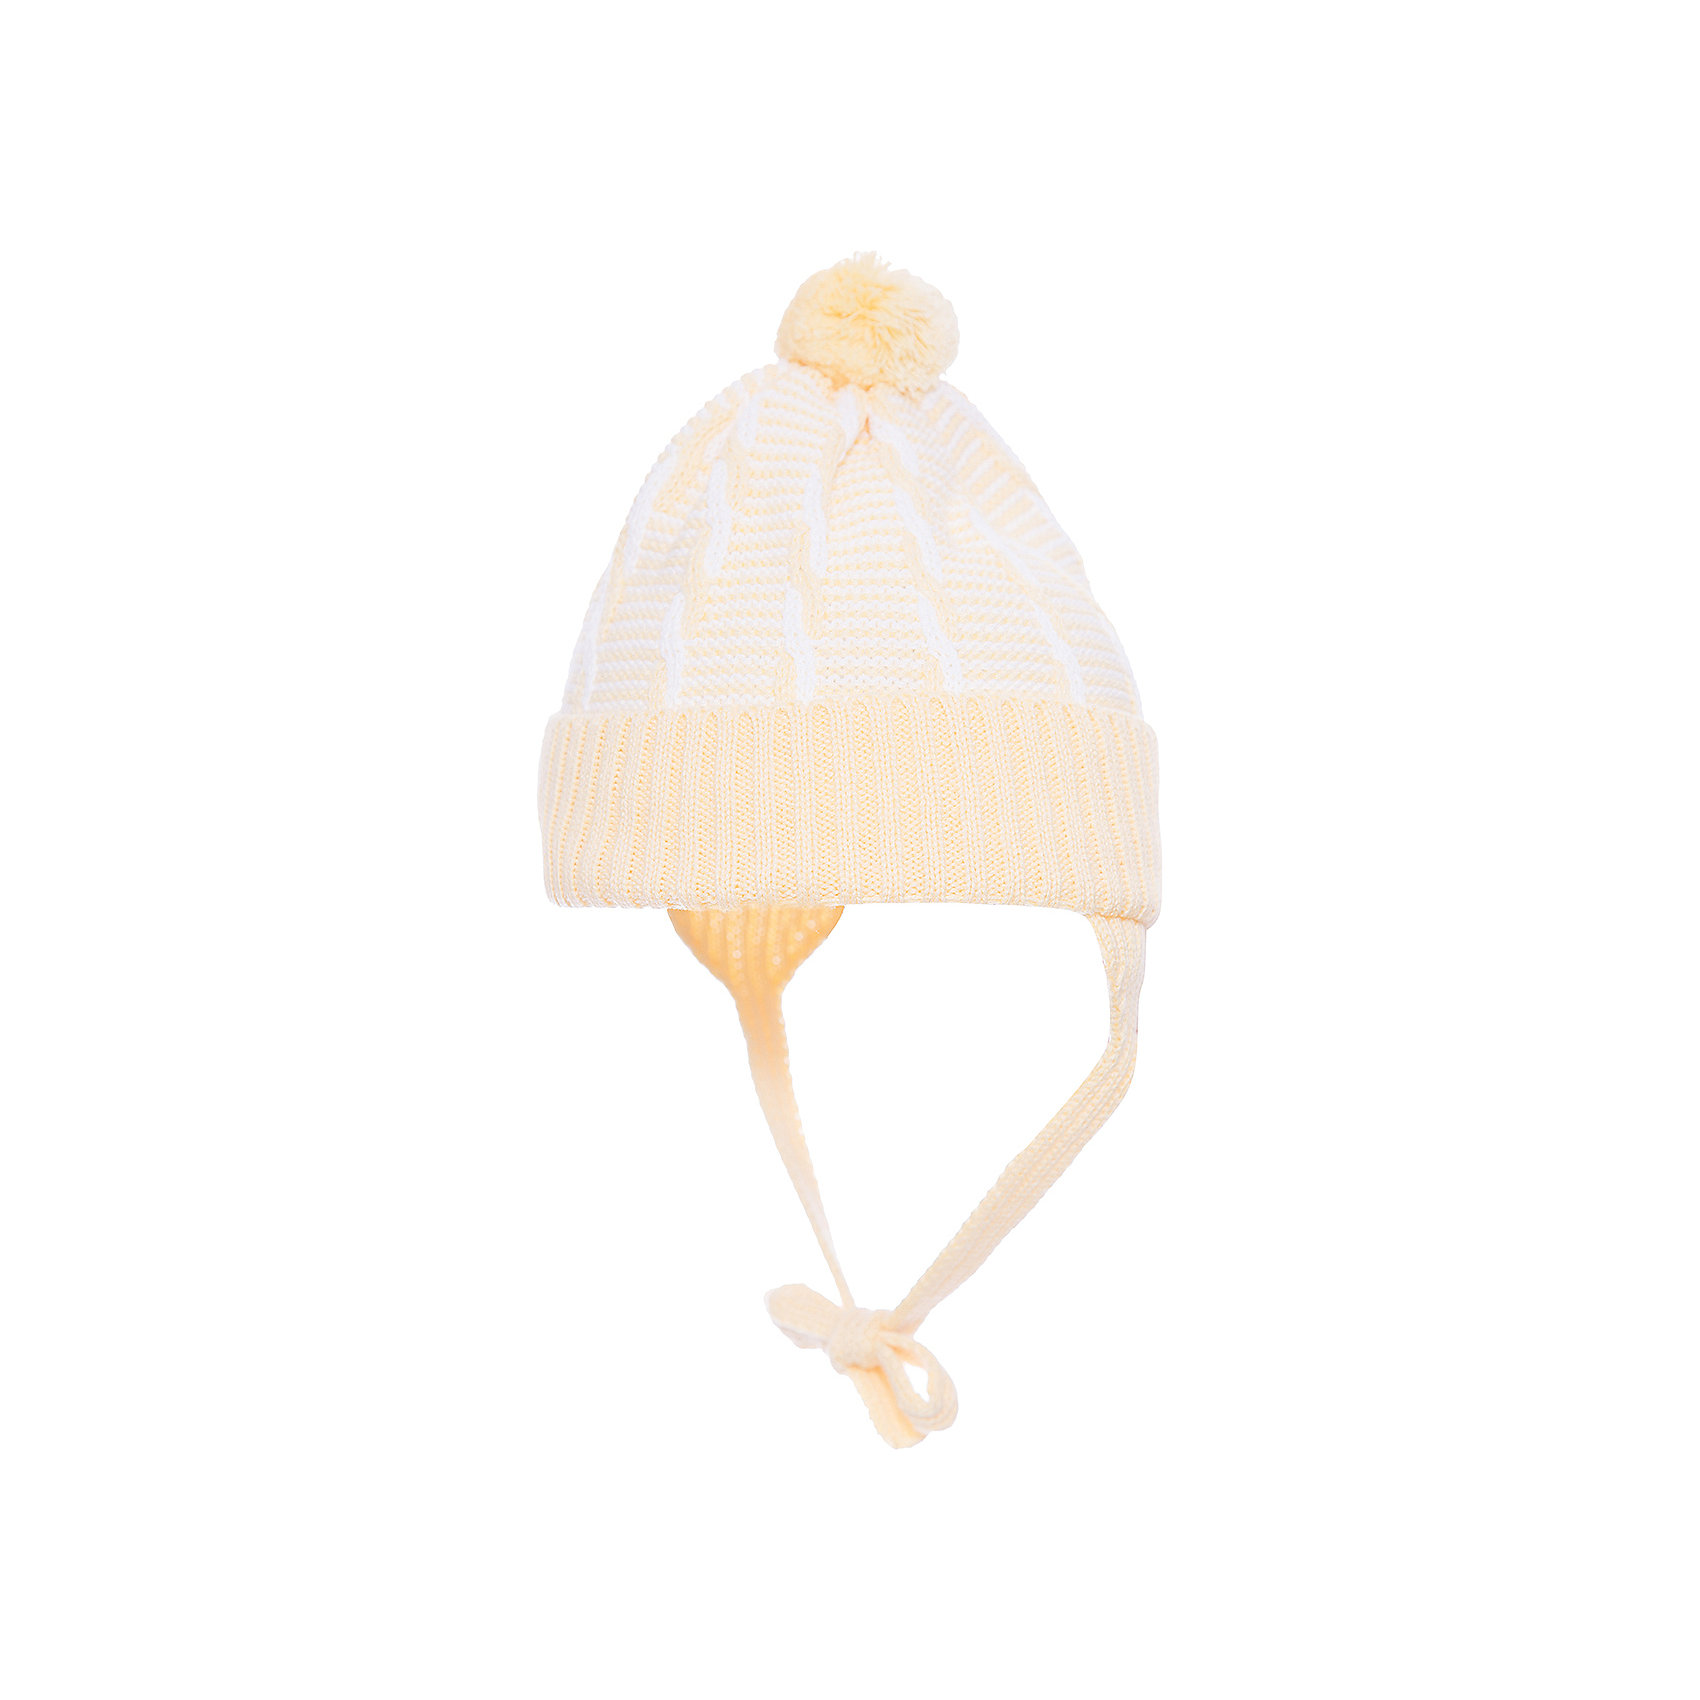 Шапка АртельШапочки<br>Шапка от торговой марки Артель <br><br>Мягкая теплая шапка отлично смотрится на детях и комфортно сидит. Изделие выполнено из качественных материалов.<br>Одежда от бренда Артель – это высокое качество по приемлемой цене и всегда продуманный дизайн. <br><br>Особенности модели: <br>- цвет — желтый; <br>- украшена помпоном;<br>- есть завязки; <br>- натуральный хлопок с добавкой пана. <br><br>Дополнительная информация: <br><br>Состав: 50% хлопок, 50% пан.<br><br><br>Температурный режим: <br>от -10 °C до +10 °C <br><br>Шапку Артель (Artel) можно купить в нашем магазине.<br><br>Ширина мм: 89<br>Глубина мм: 117<br>Высота мм: 44<br>Вес г: 155<br>Цвет: желтый<br>Возраст от месяцев: 60<br>Возраст до месяцев: 72<br>Пол: Женский<br>Возраст: Детский<br>Размер: 52,48,50,46,44<br>SKU: 4500605